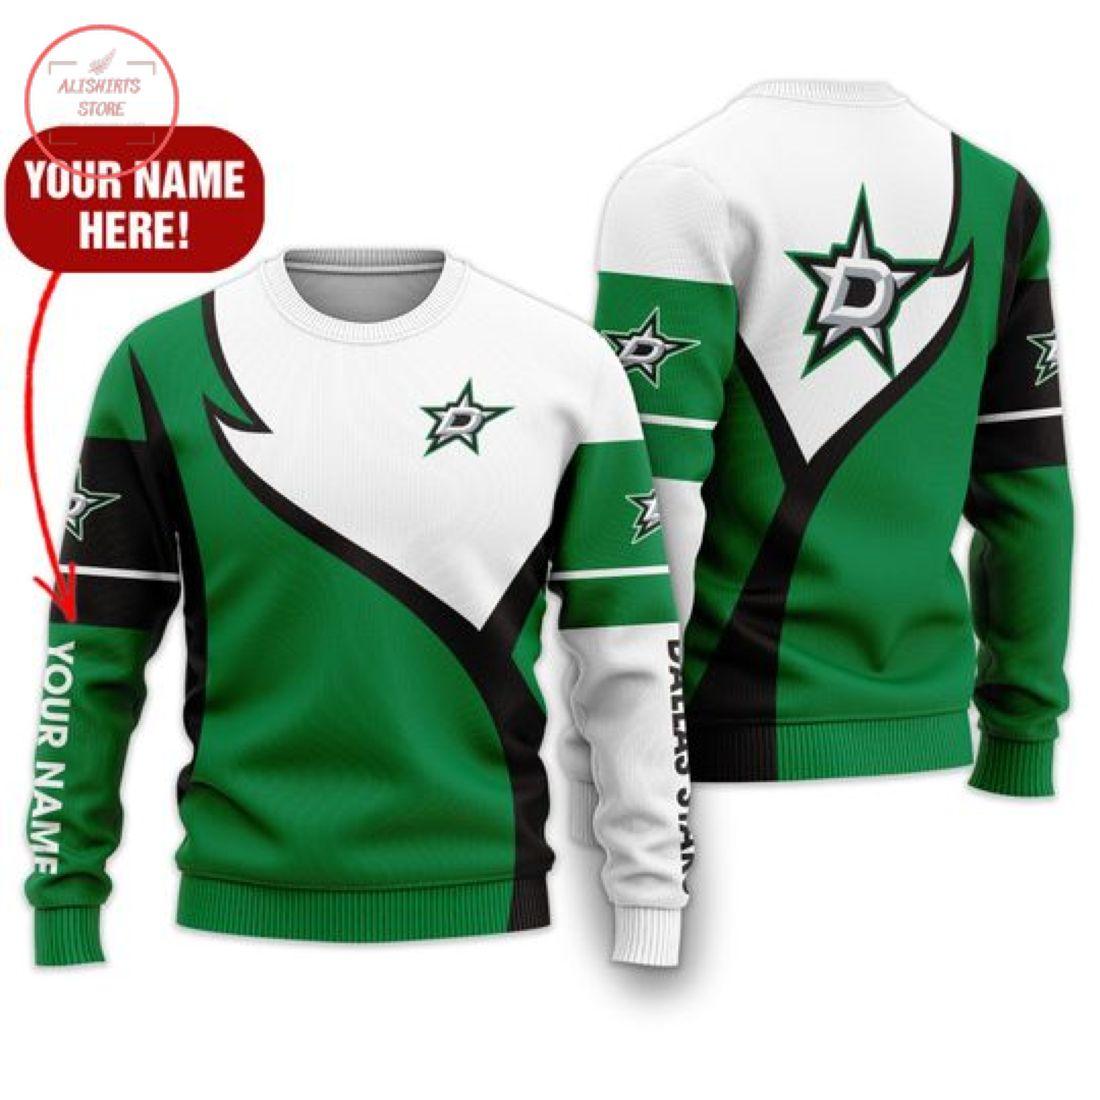 Nhl Dallas Stars Personalized Shirts